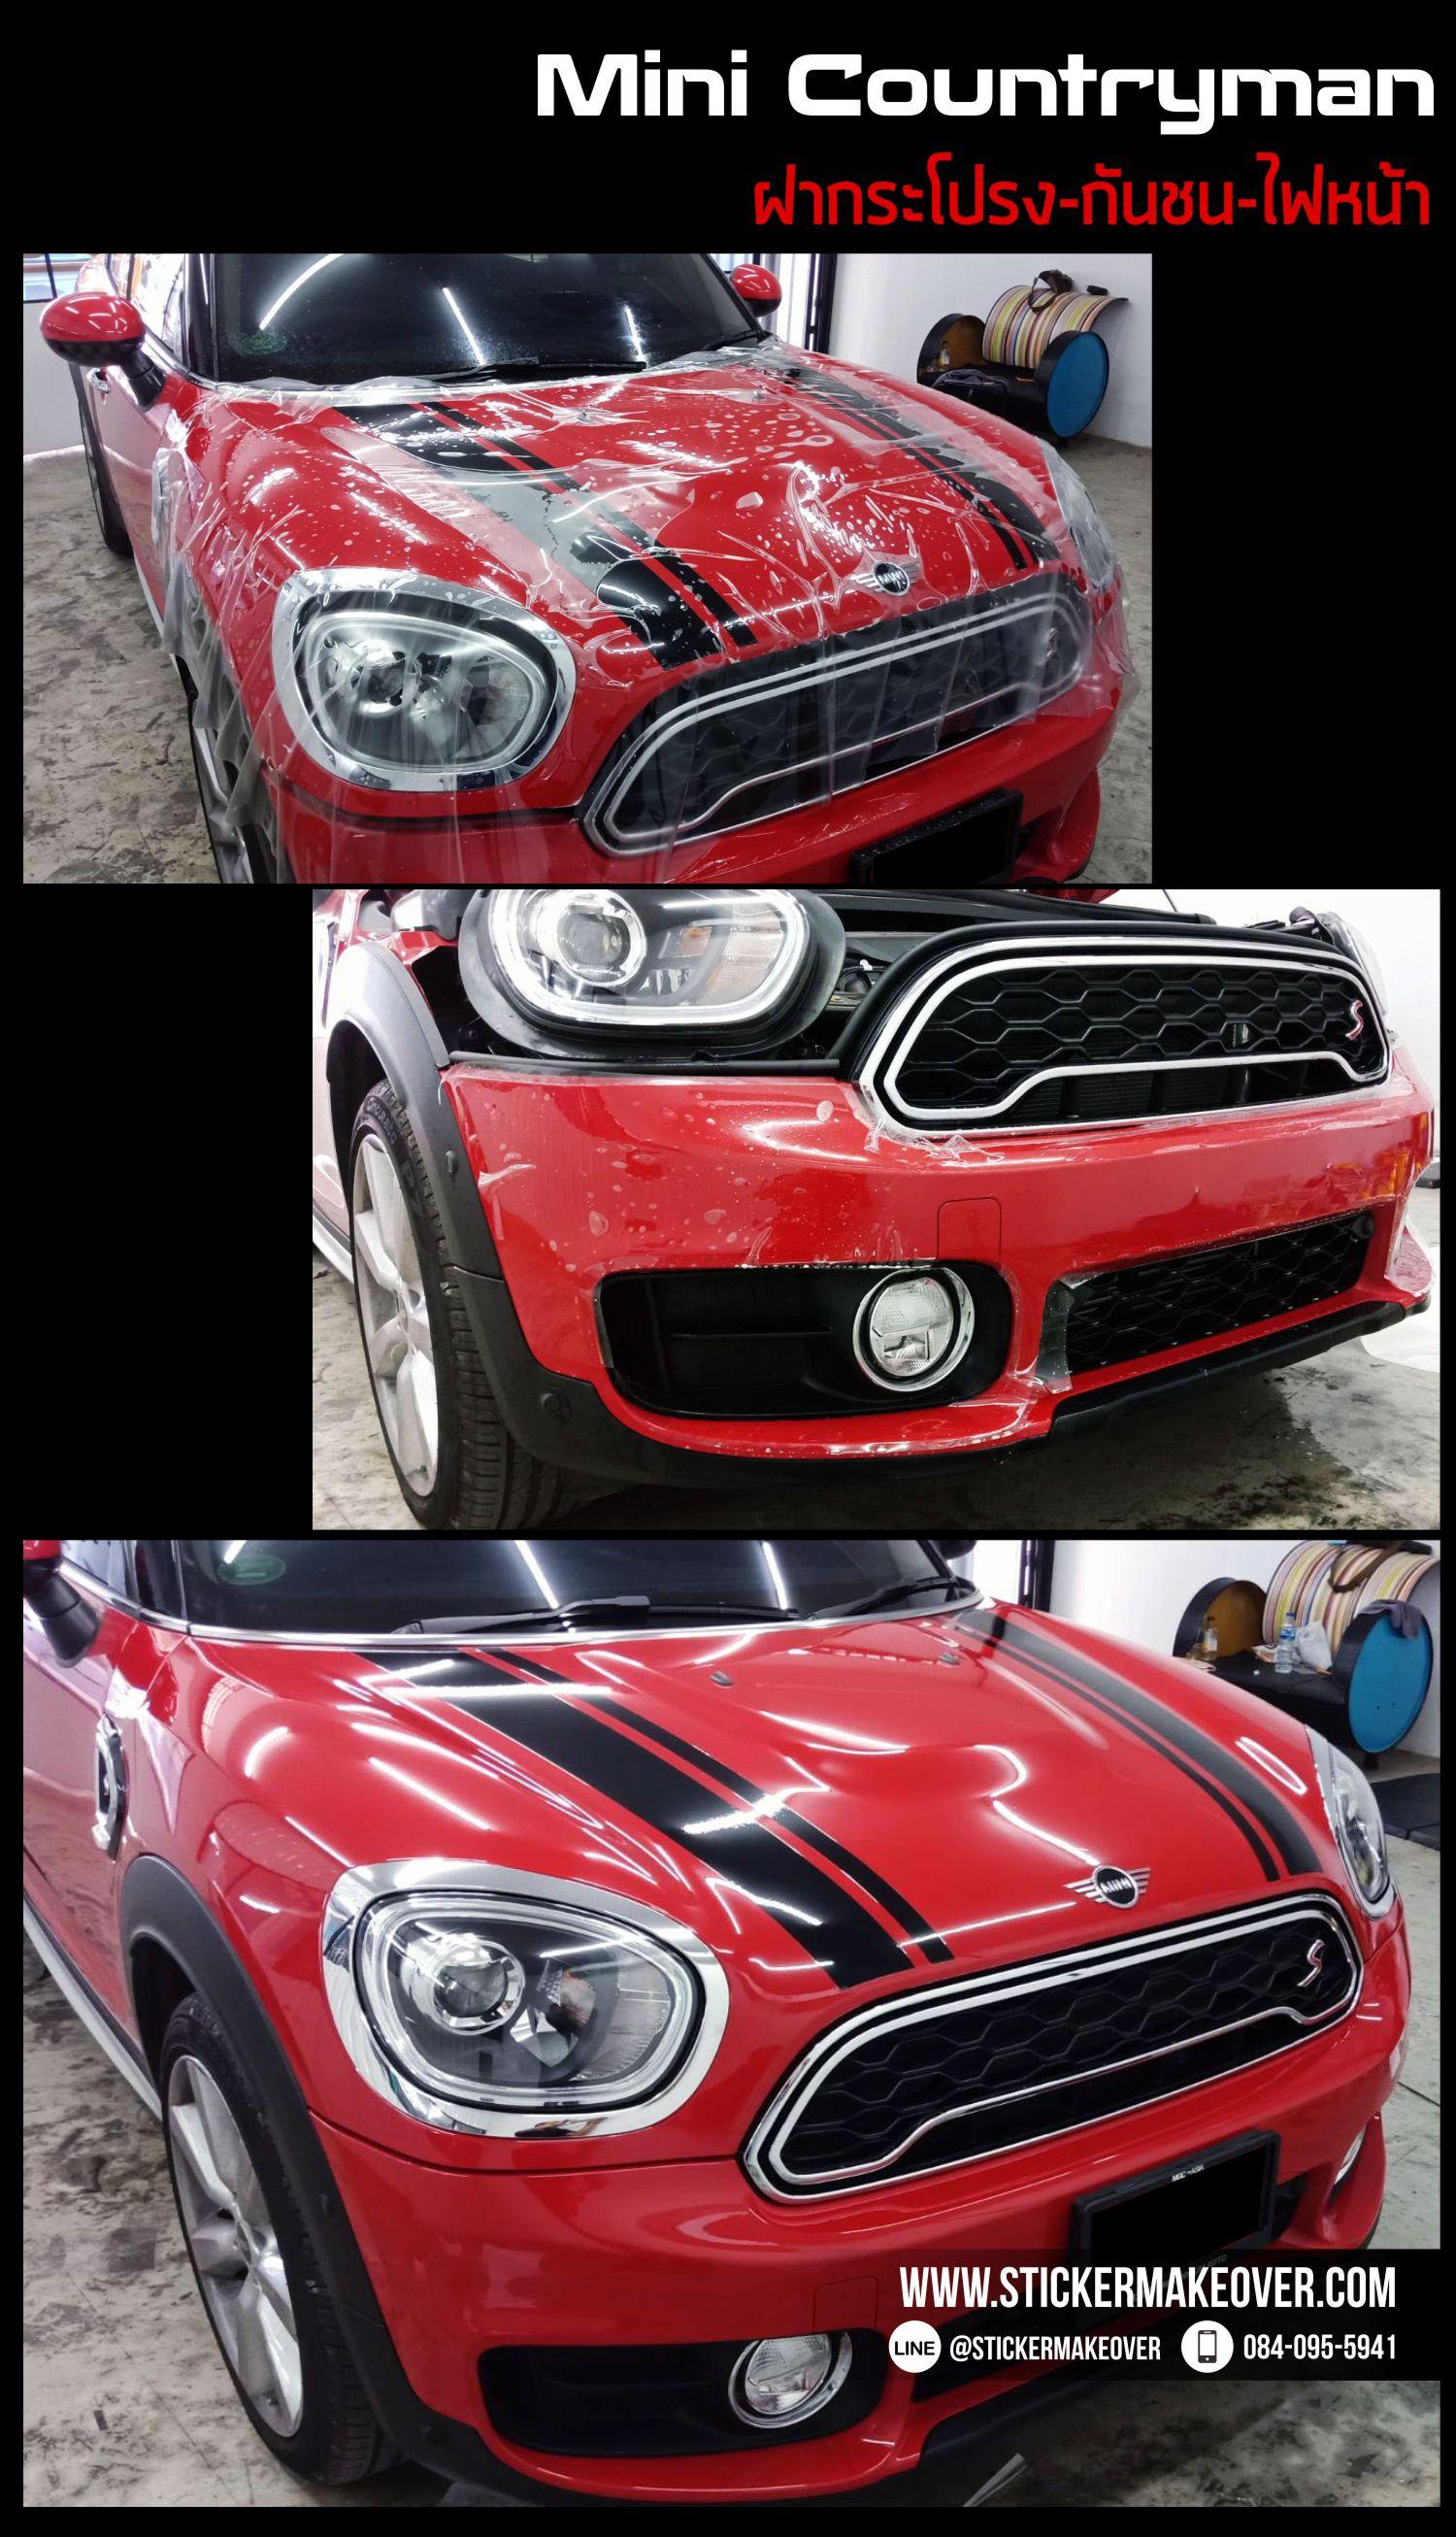 ฟิล์มใสกันรอยรถยนต์ ฟิล์มใสกันสะเก็ดหิน ฟิล์มปกป้องสีรถ paint protection film ppf mini countryman